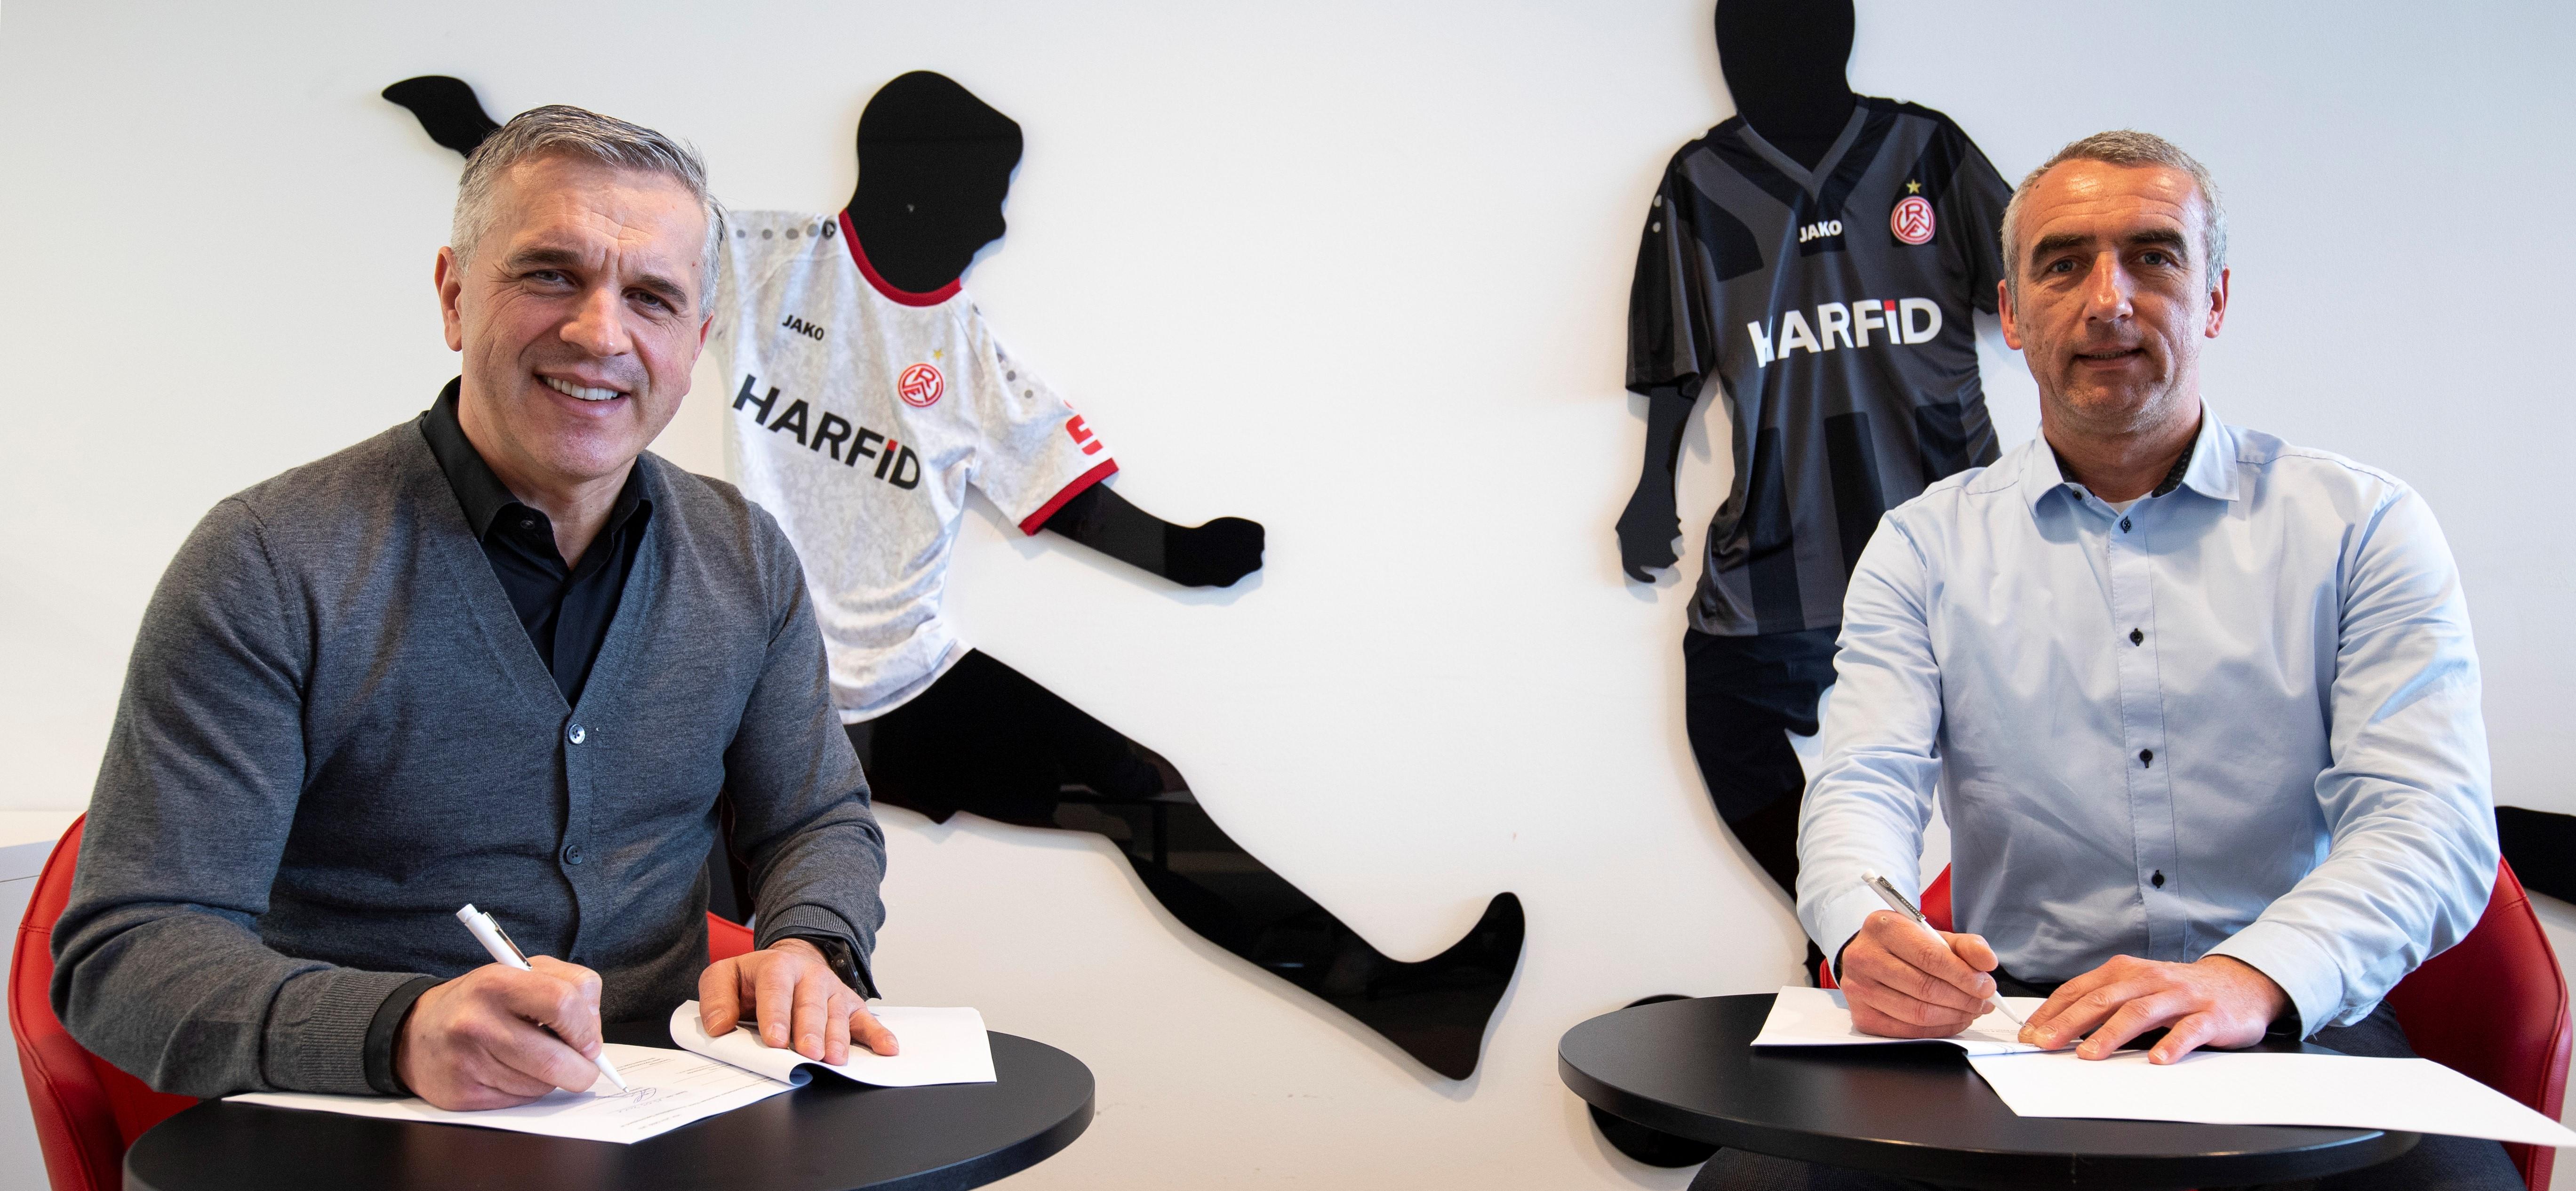 Glücklich über die Verlängerung der Partnerschaft: HARFID-Unternehmensgründer und Sprecher der Geschäftsführung Harfid Hadrovic (l.) sowie RWE-Vorstand Marcus Uhlig.